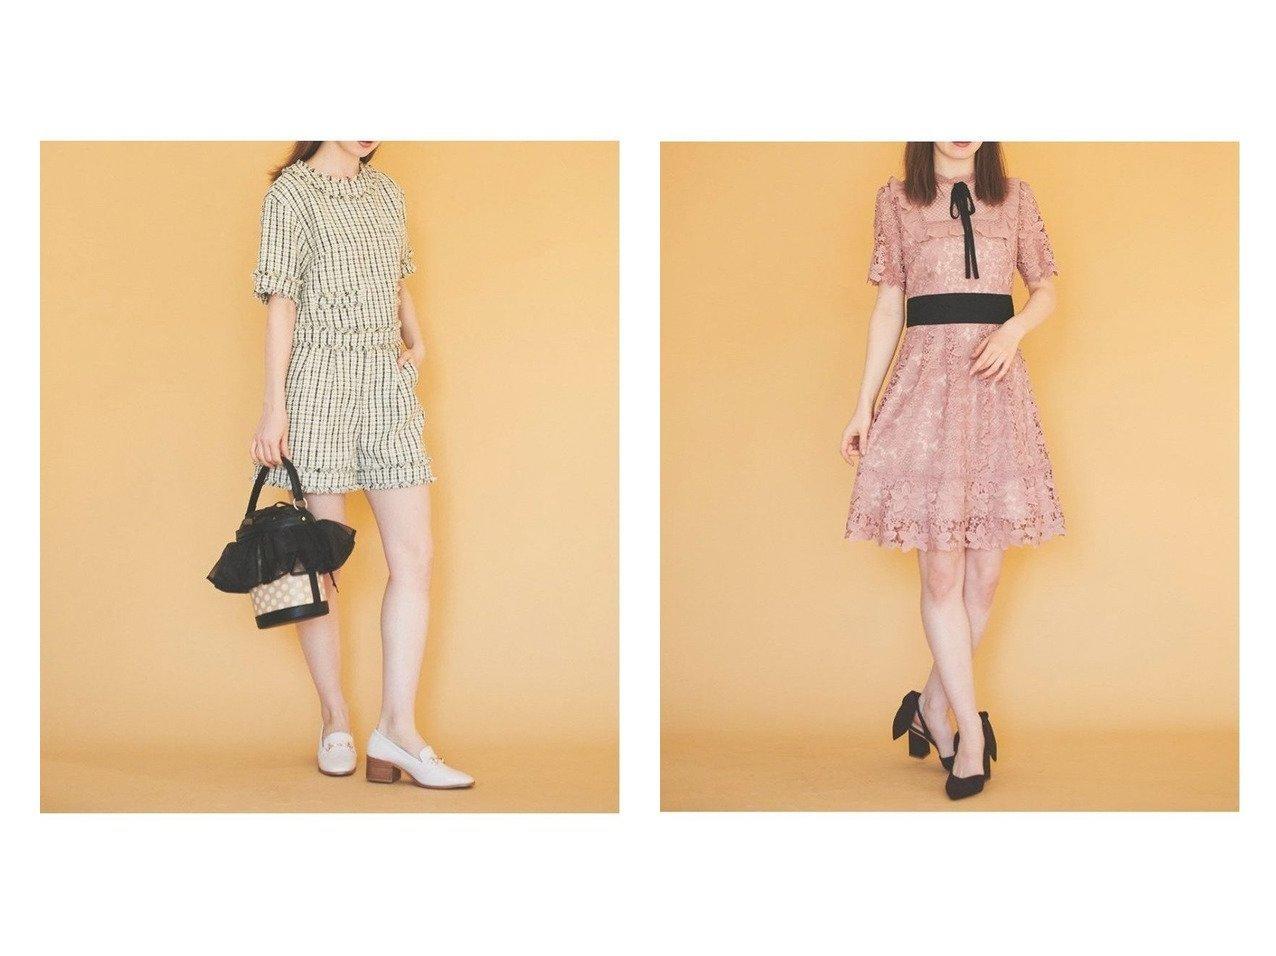 【31 Sons de mode/トランテアン ソン ドゥ モード】のツイードセットアップ&ケミカルレースワンピース ワンピース・ドレスのおすすめ!人気、トレンド・レディースファッションの通販  おすすめで人気の流行・トレンド、ファッションの通販商品 メンズファッション・キッズファッション・インテリア・家具・レディースファッション・服の通販 founy(ファニー) https://founy.com/ ファッション Fashion レディースファッション WOMEN ワンピース Dress 2021年 2021 2021 春夏 S/S SS Spring/Summer 2021 S/S 春夏 SS Spring/Summer クラシカル ショート セットアップ ツイード デニム フェミニン ベーシック リボン 半袖 春 ガーリー シューズ パーティ フラット フレア レース ヴィンテージ |ID:crp329100000010082